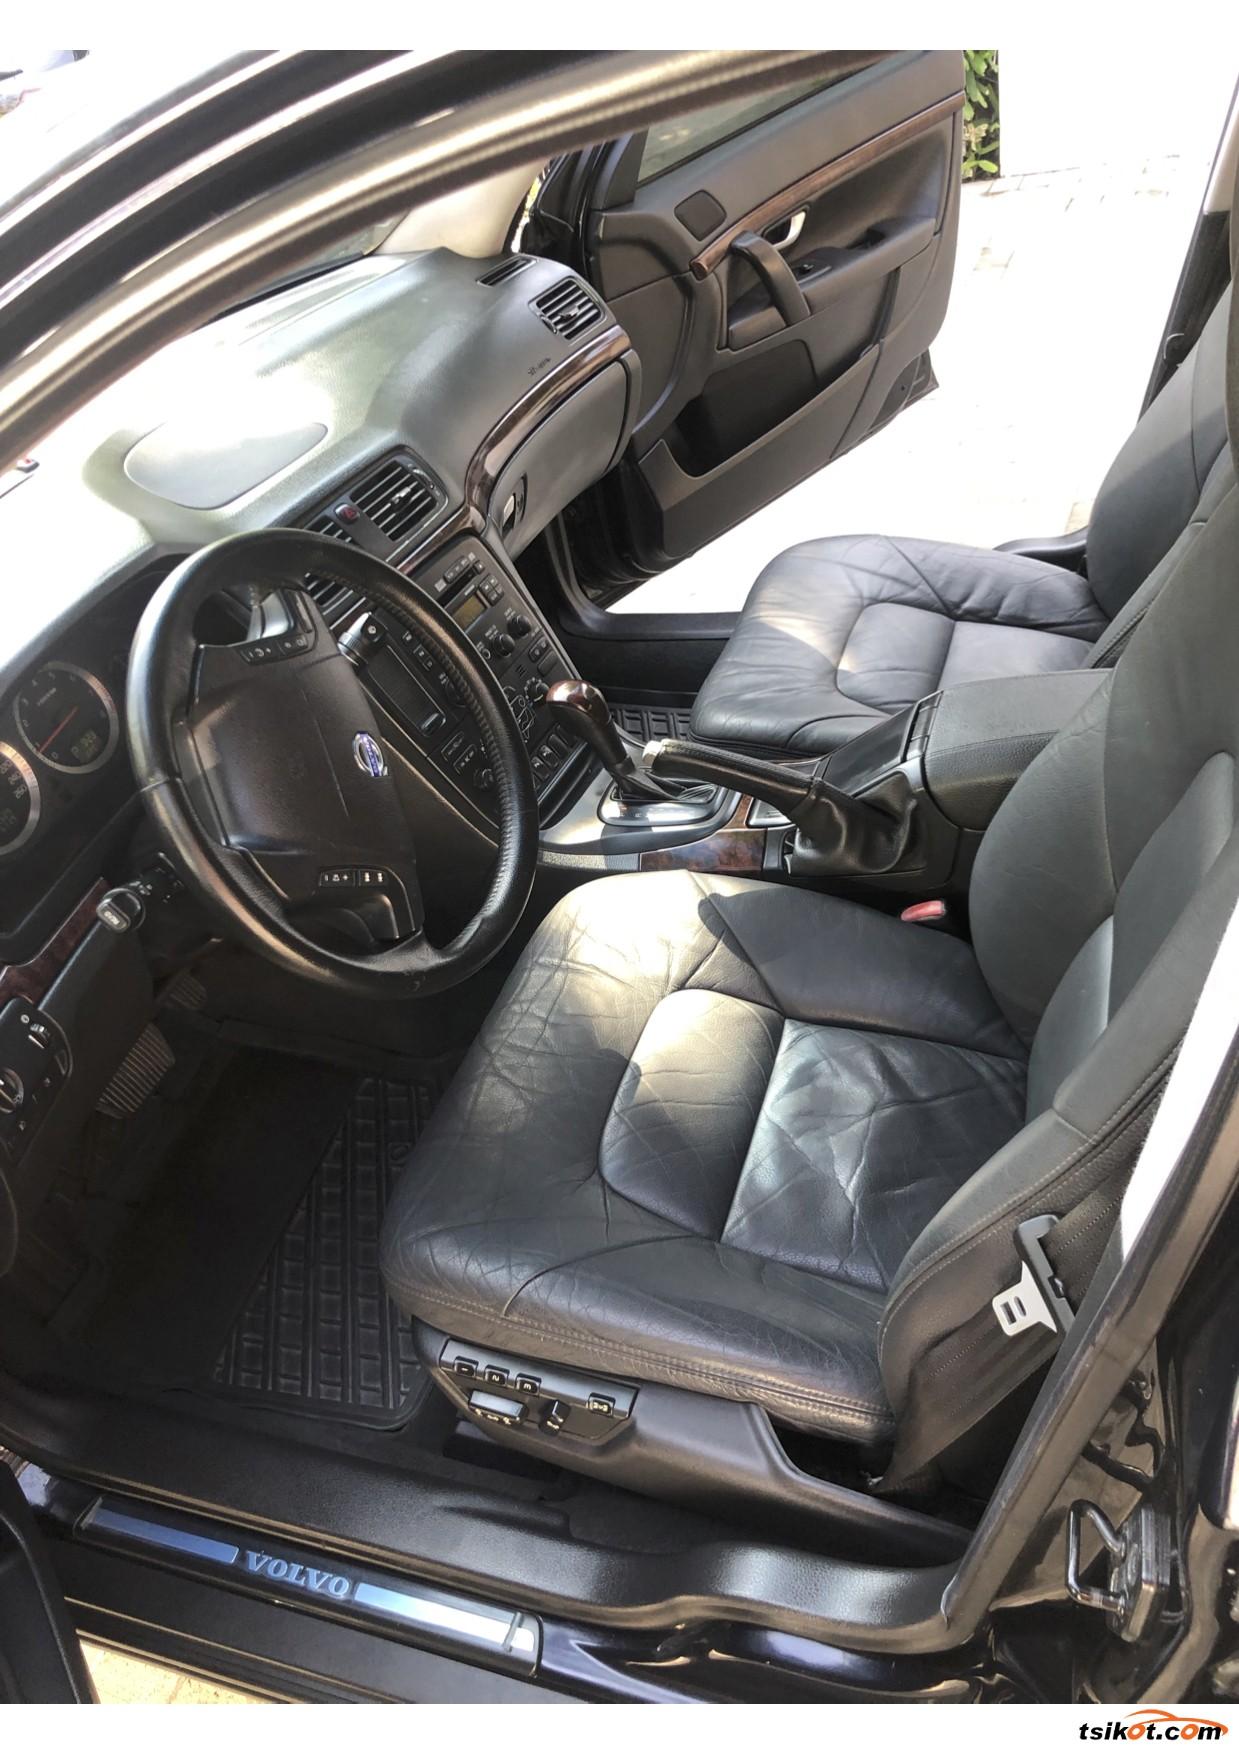 Volvo S80 2006 - 5